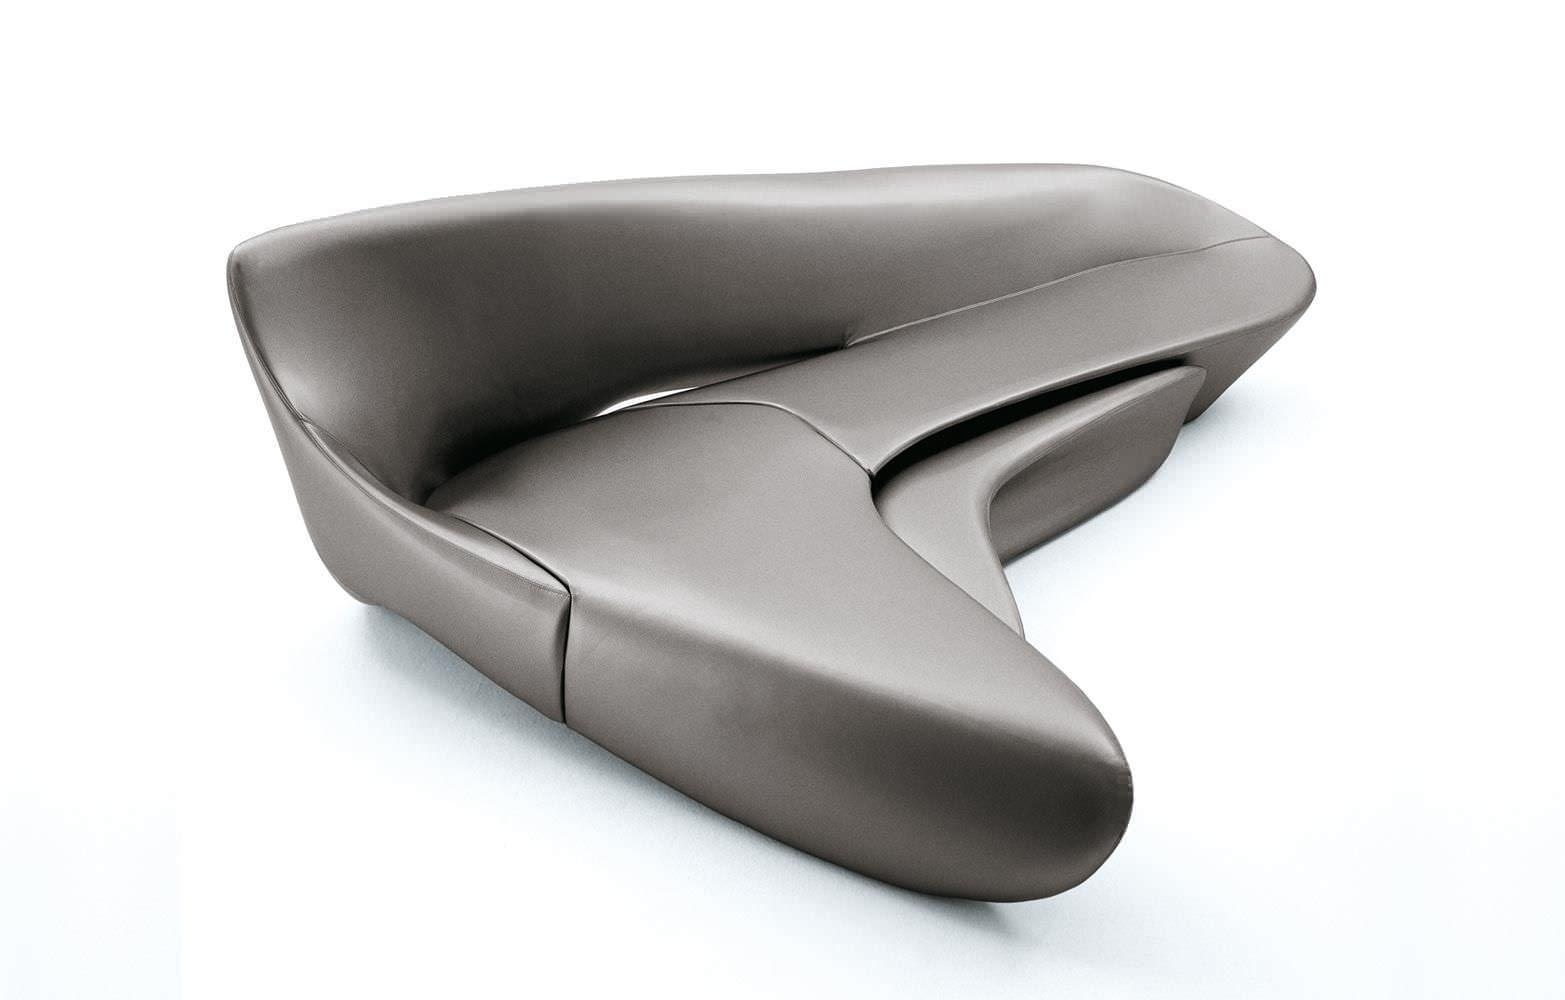 Zaha hadid design cerca con google design divano zaha for Divano zaha hadid